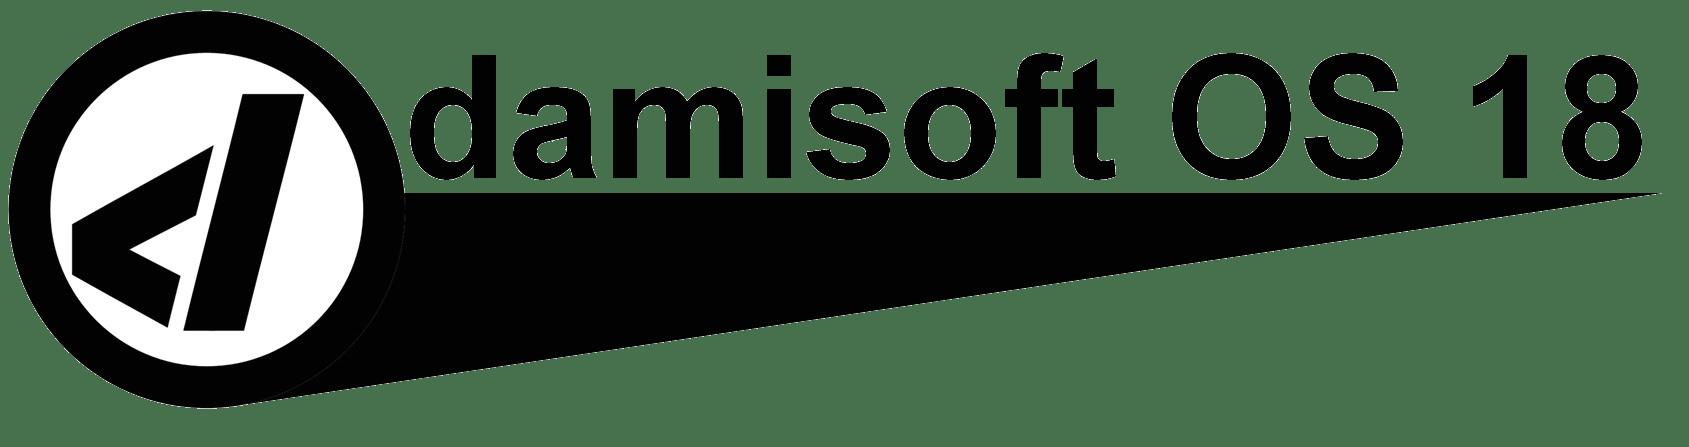 damisoft OS 18 Linux Live Original Logo 2021